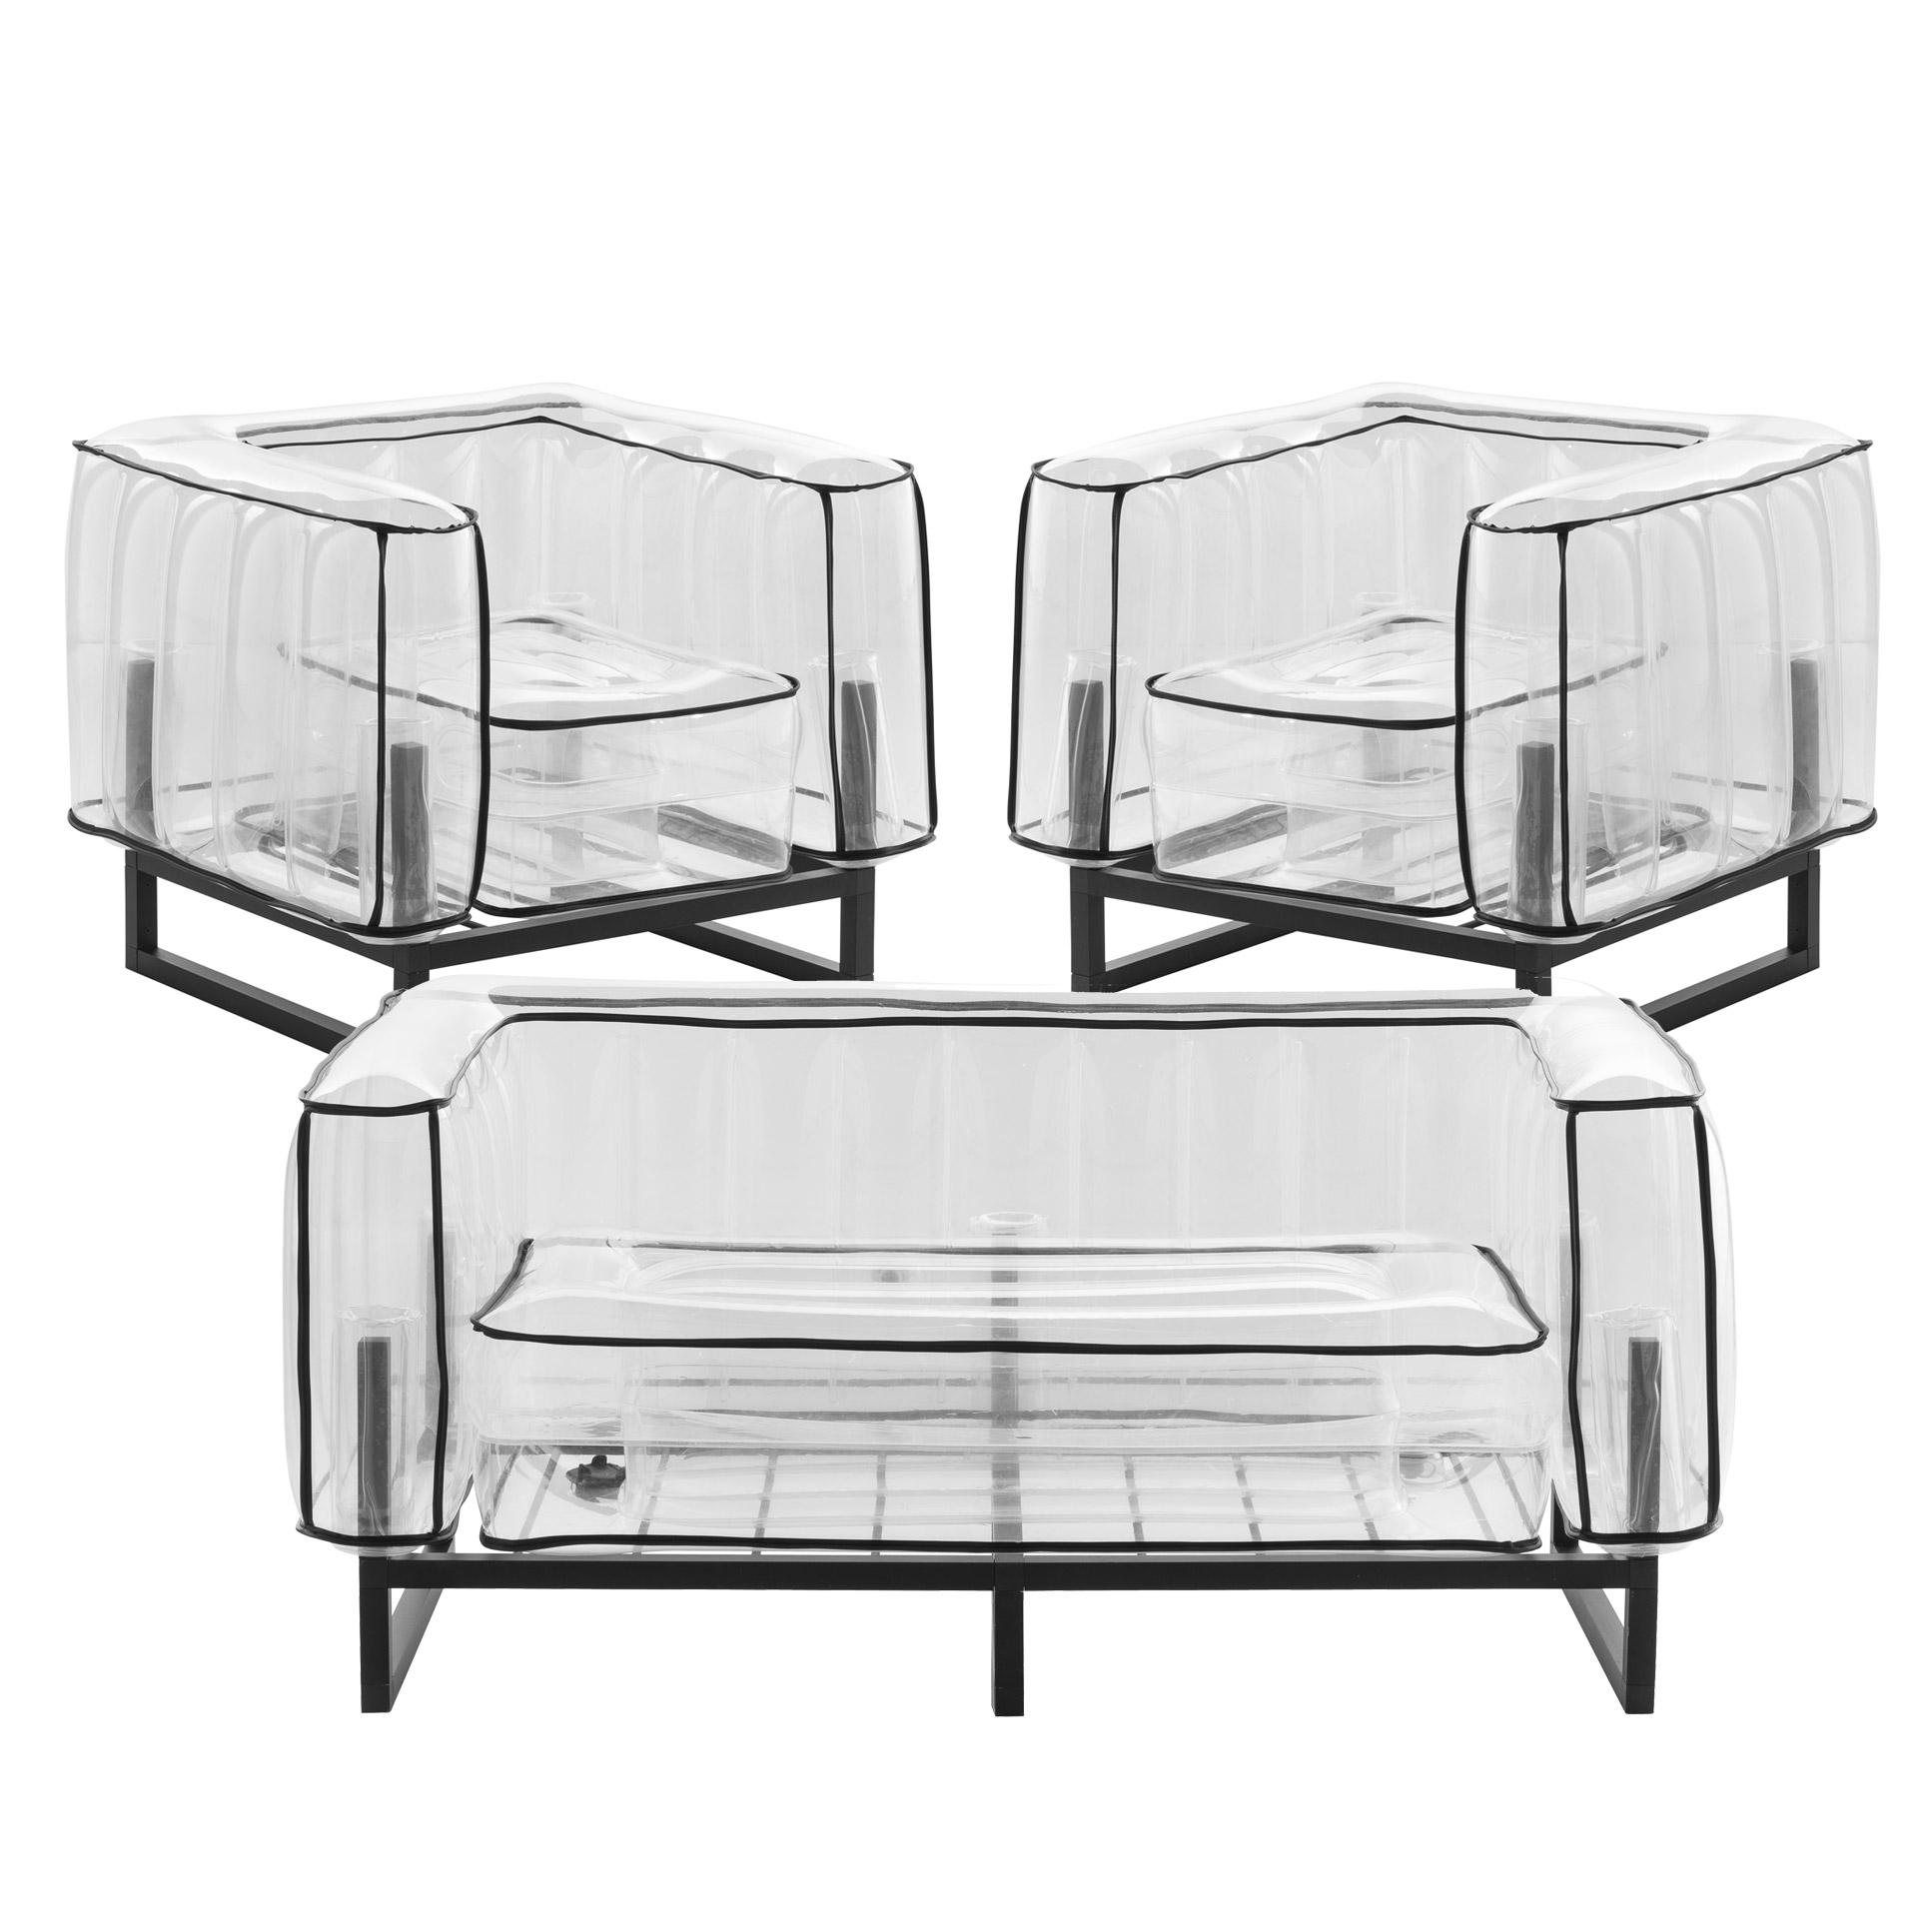 Salon de jardin design, 1 canapé et 2 fauteuils Passepoil noir